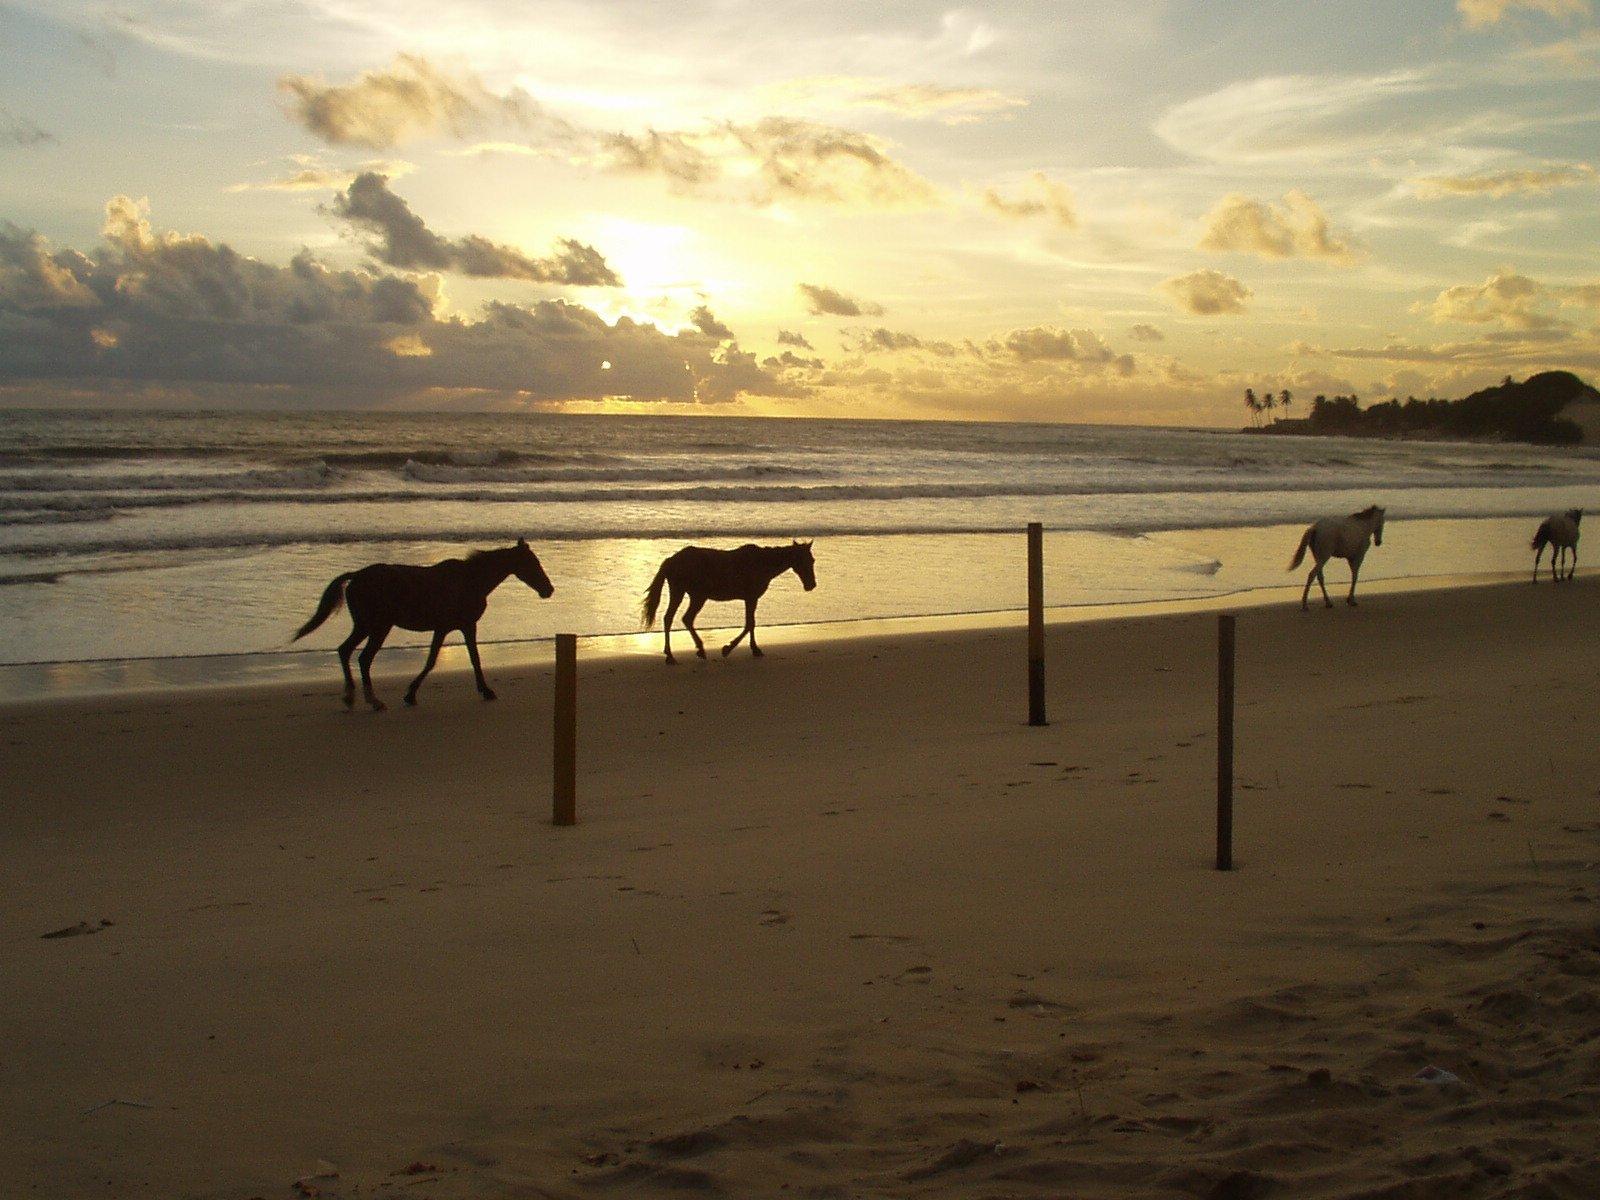 horses-1410941.jpg